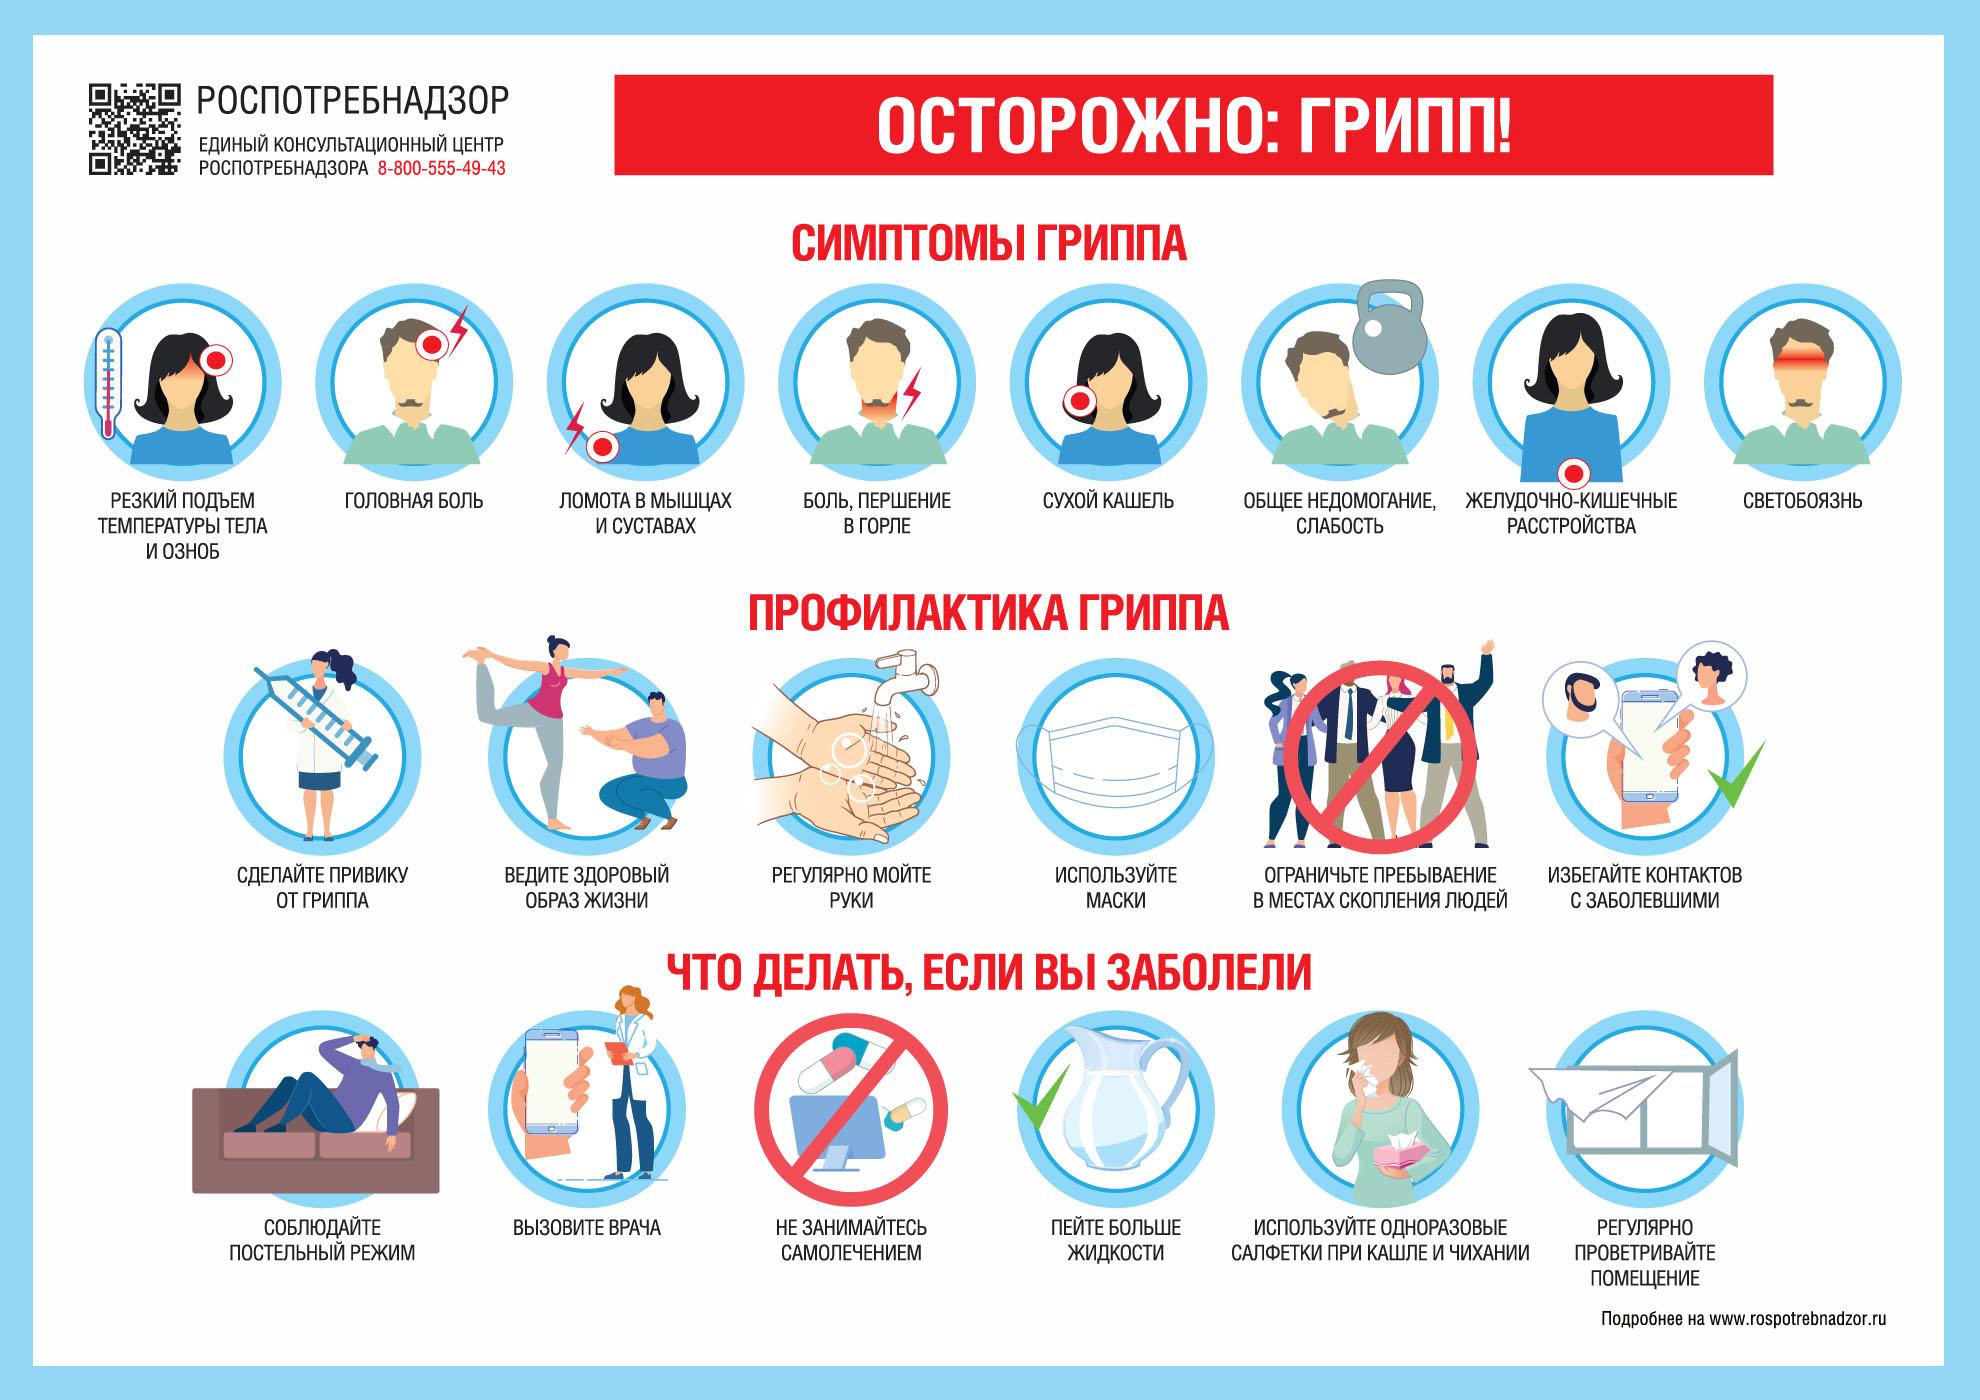 Памятки по профилактика гриппа